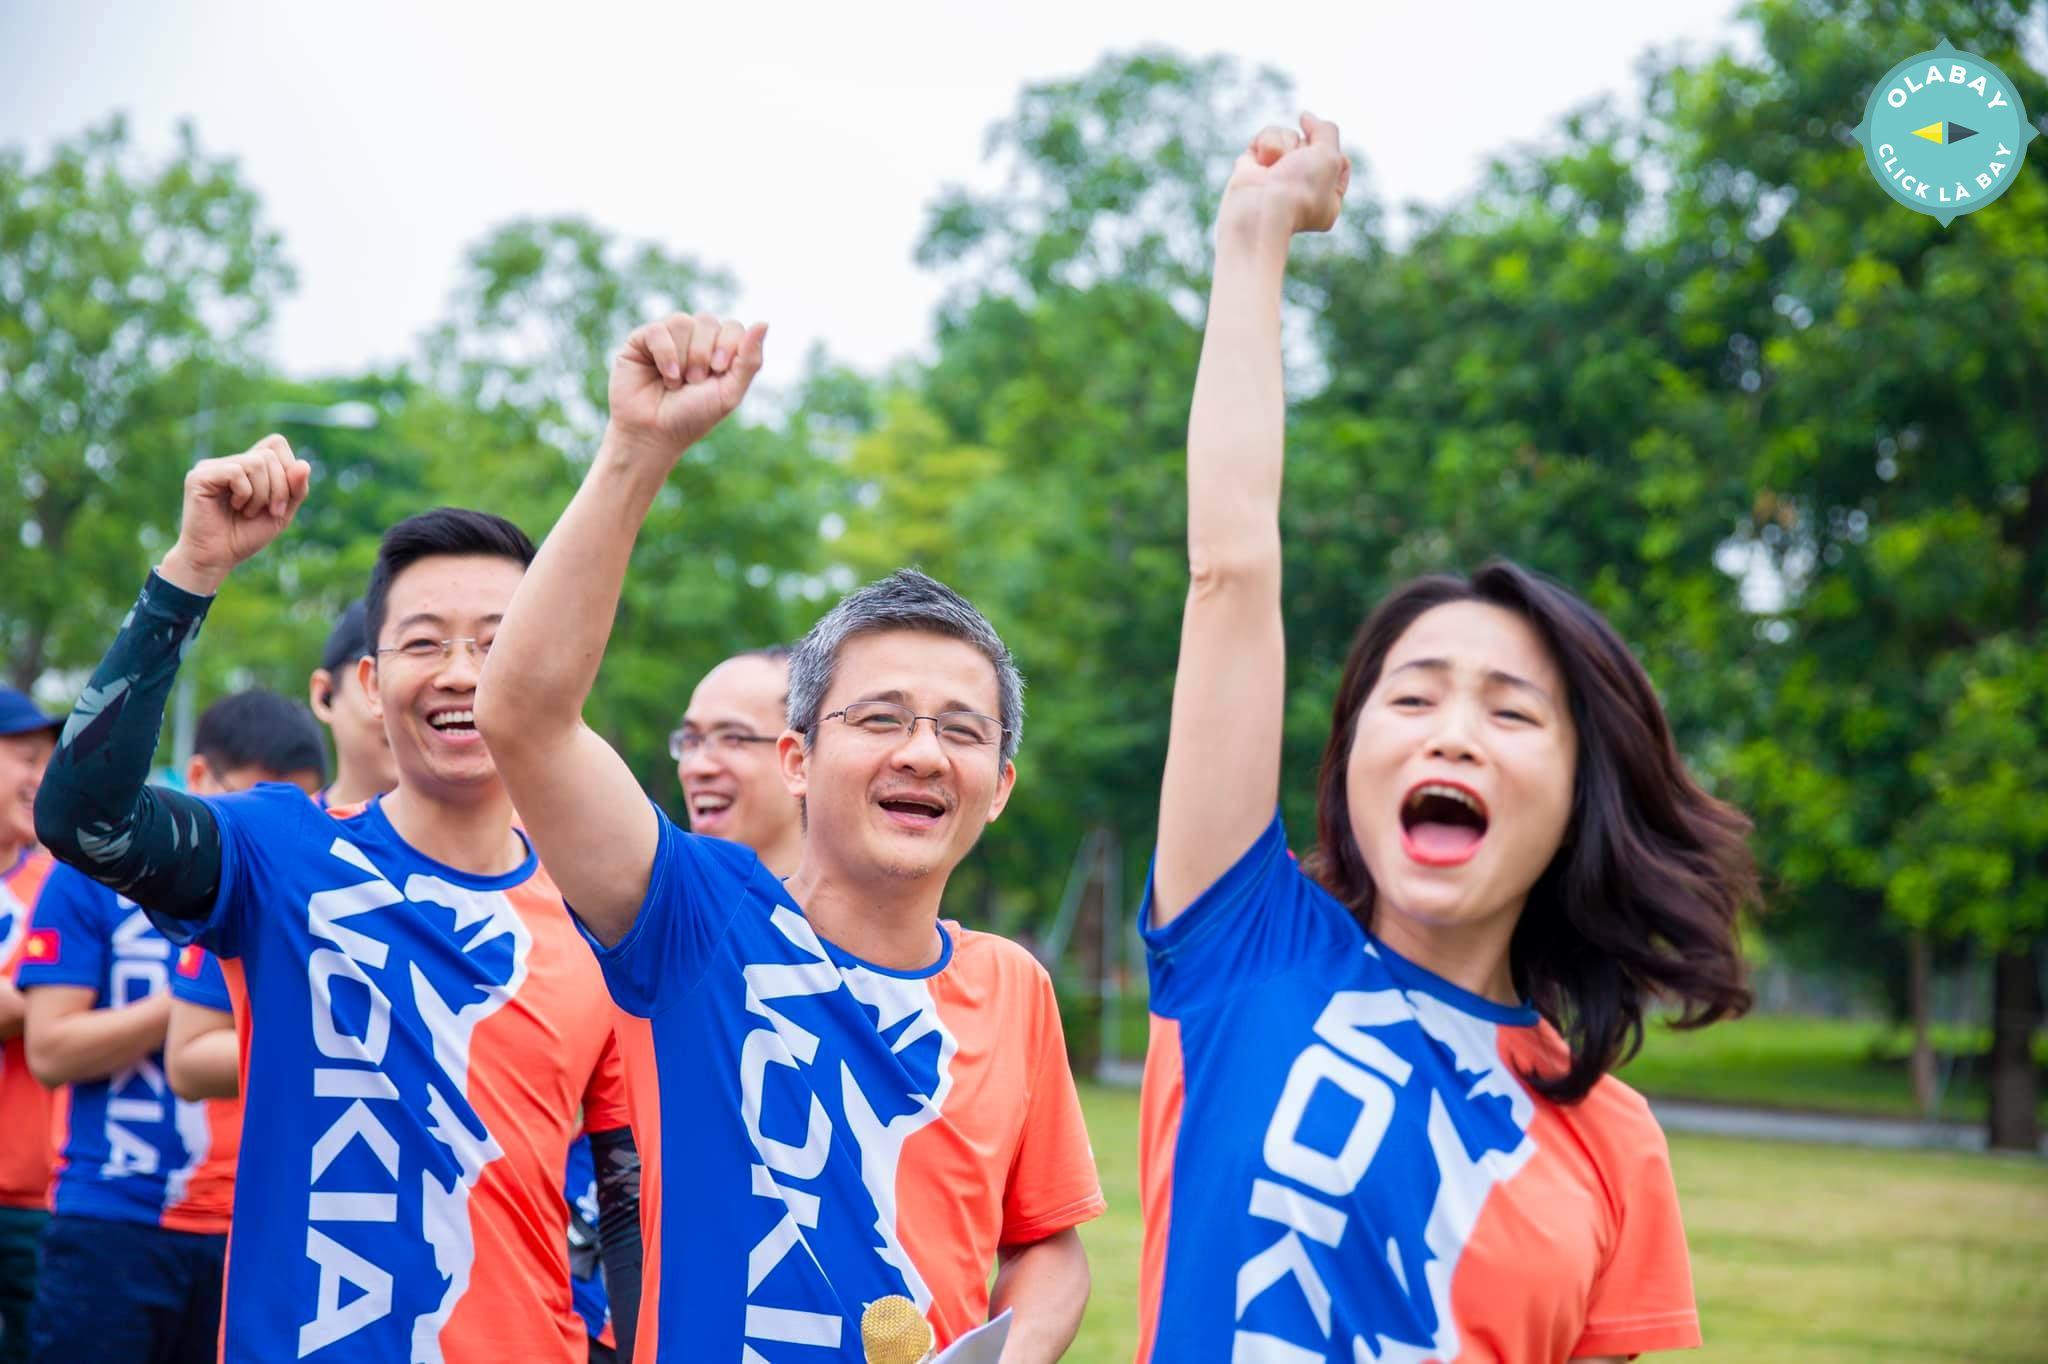 Ngày hội Thể dục Thể thao Nokia Việt Nam Sports Day – 25/10/2020 tại Ecopark